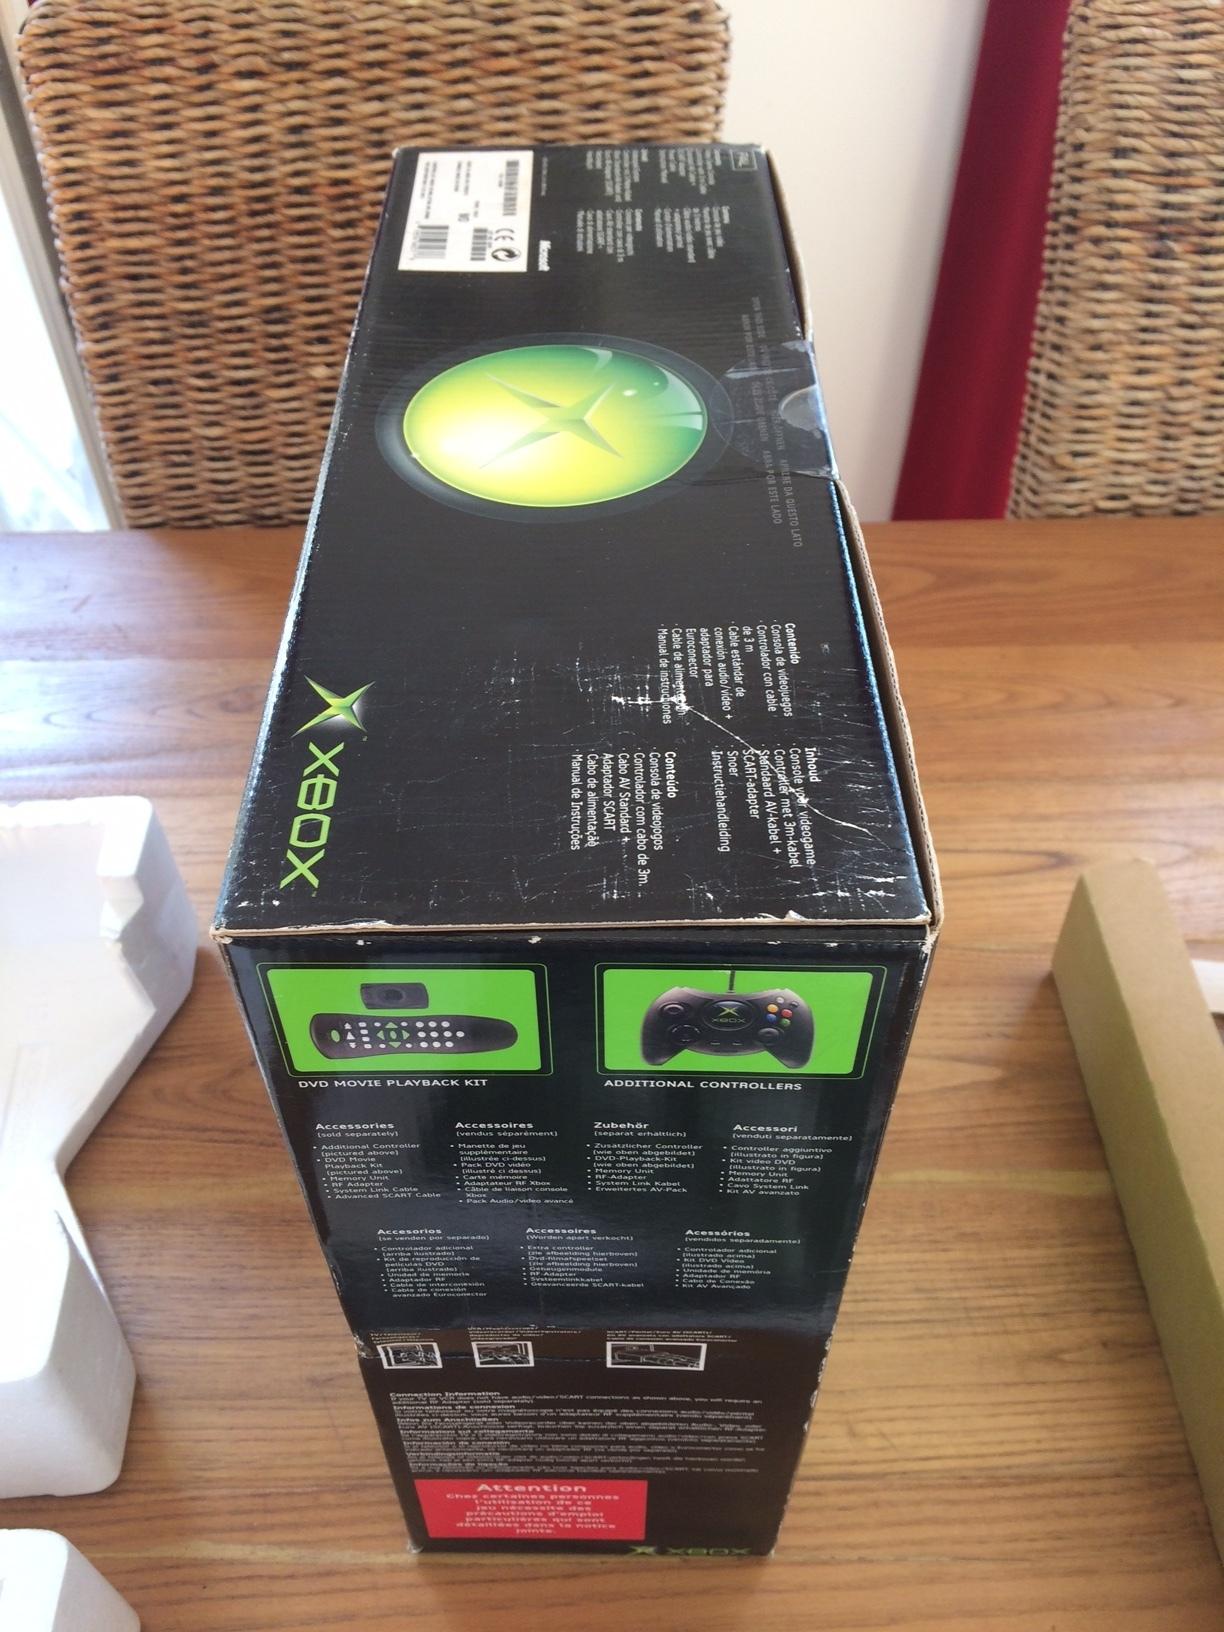 [VDS] Xbox première génération en boîte + nombreux accessoires + jeux 181021121354940200